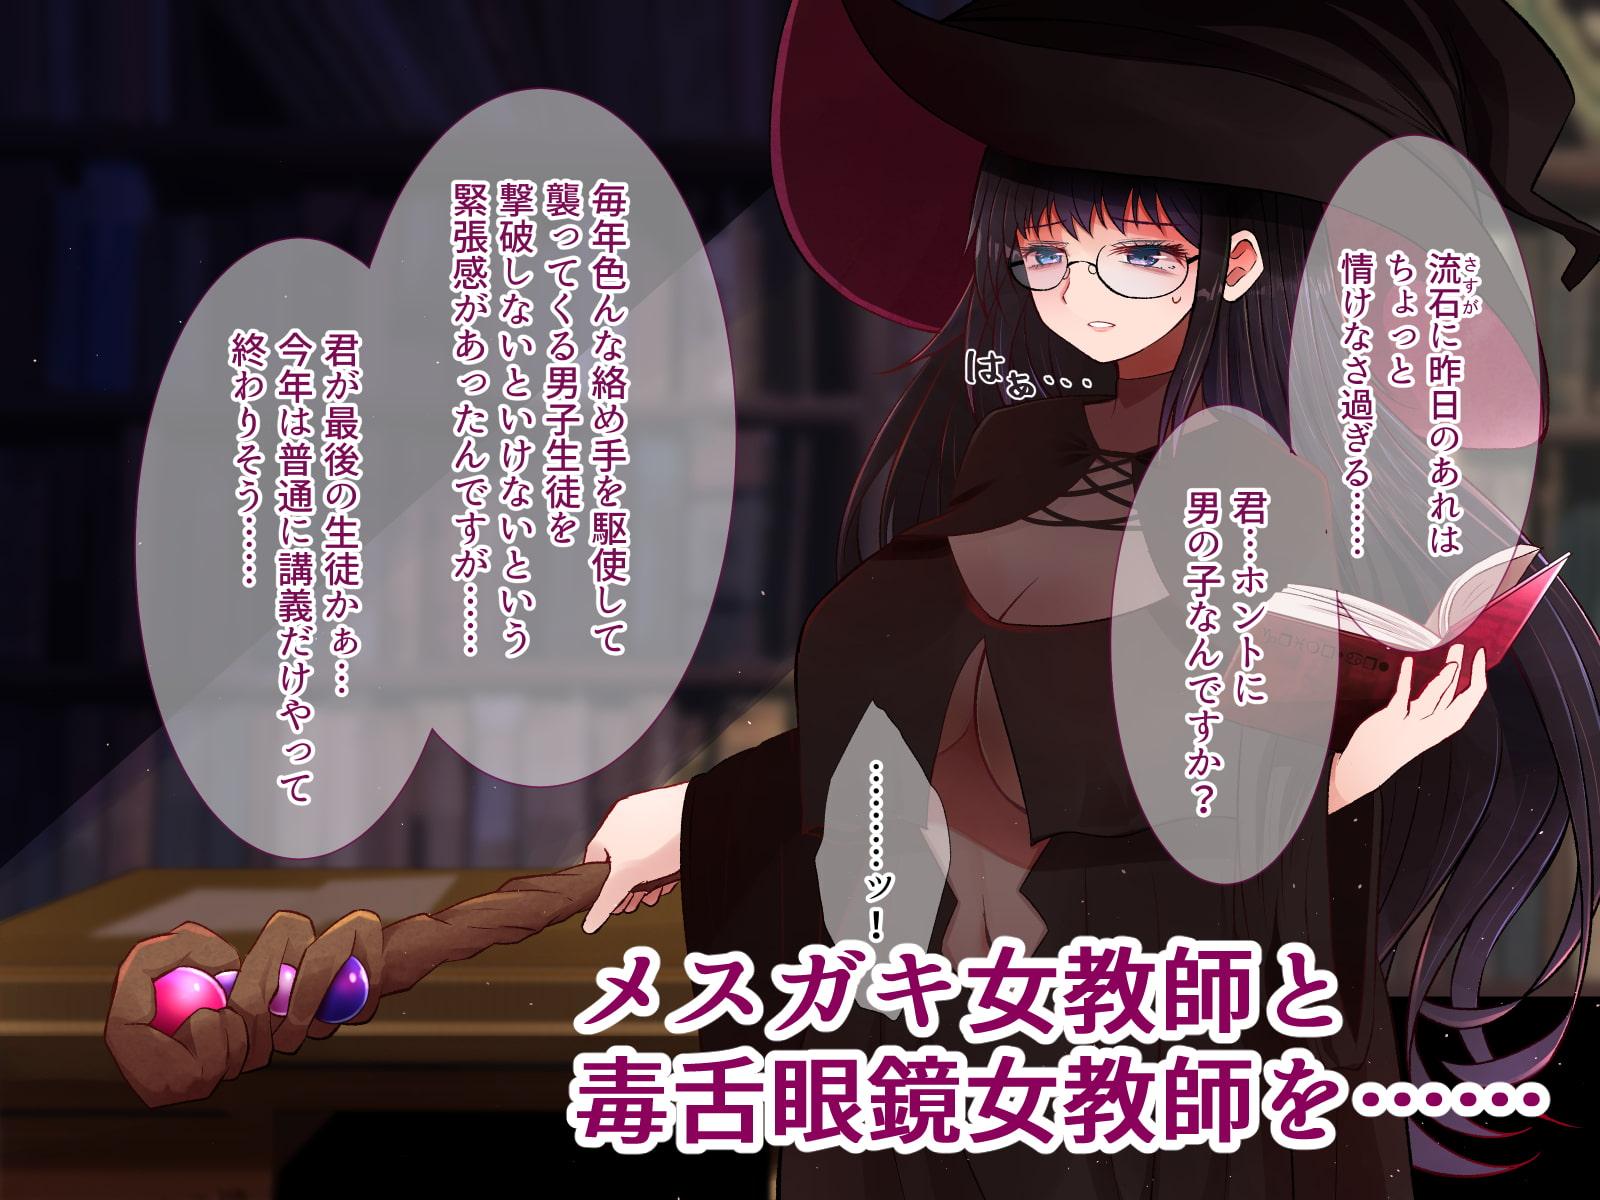 黒魔術調教 負けた女教師は何をされても仕方ありません